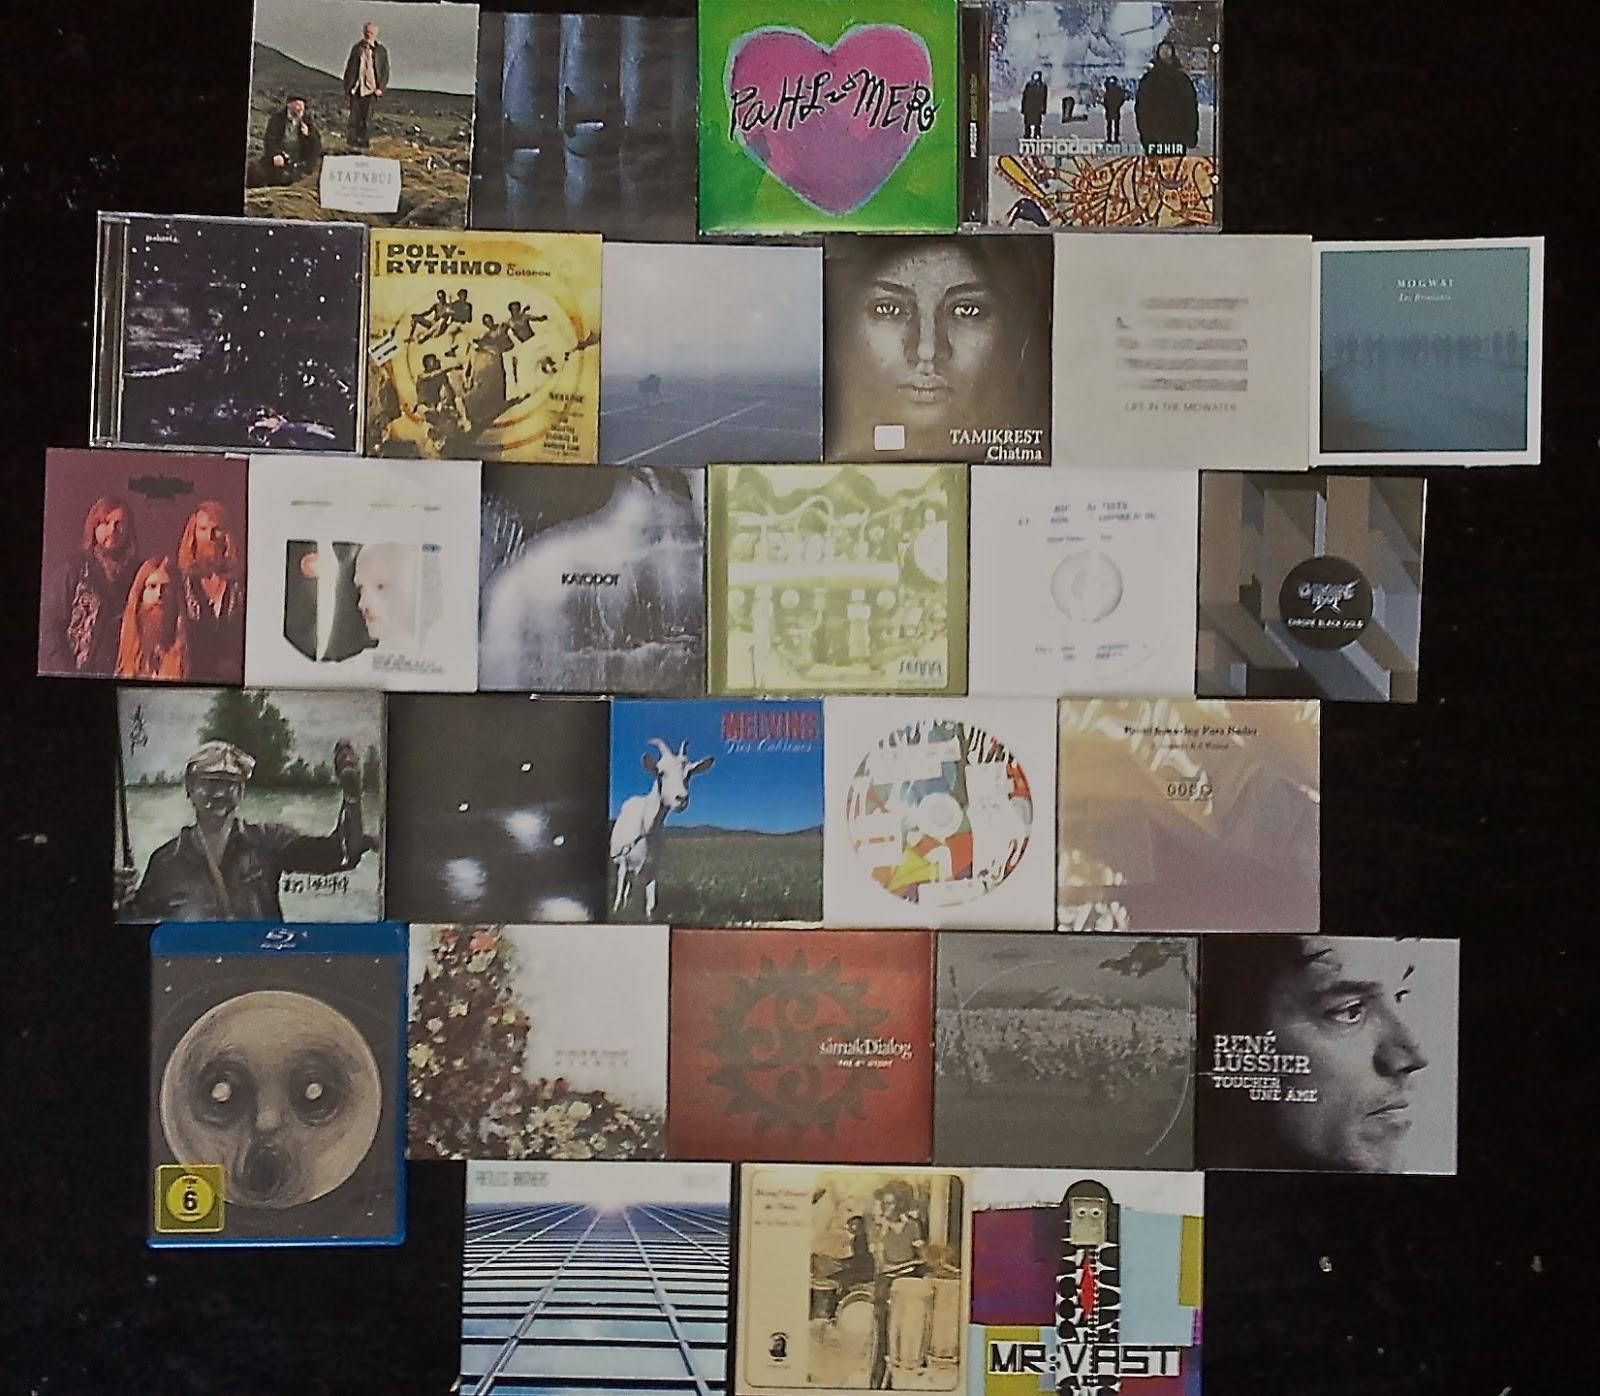 Monsieur Délire: Top 30 2013 Délire musical